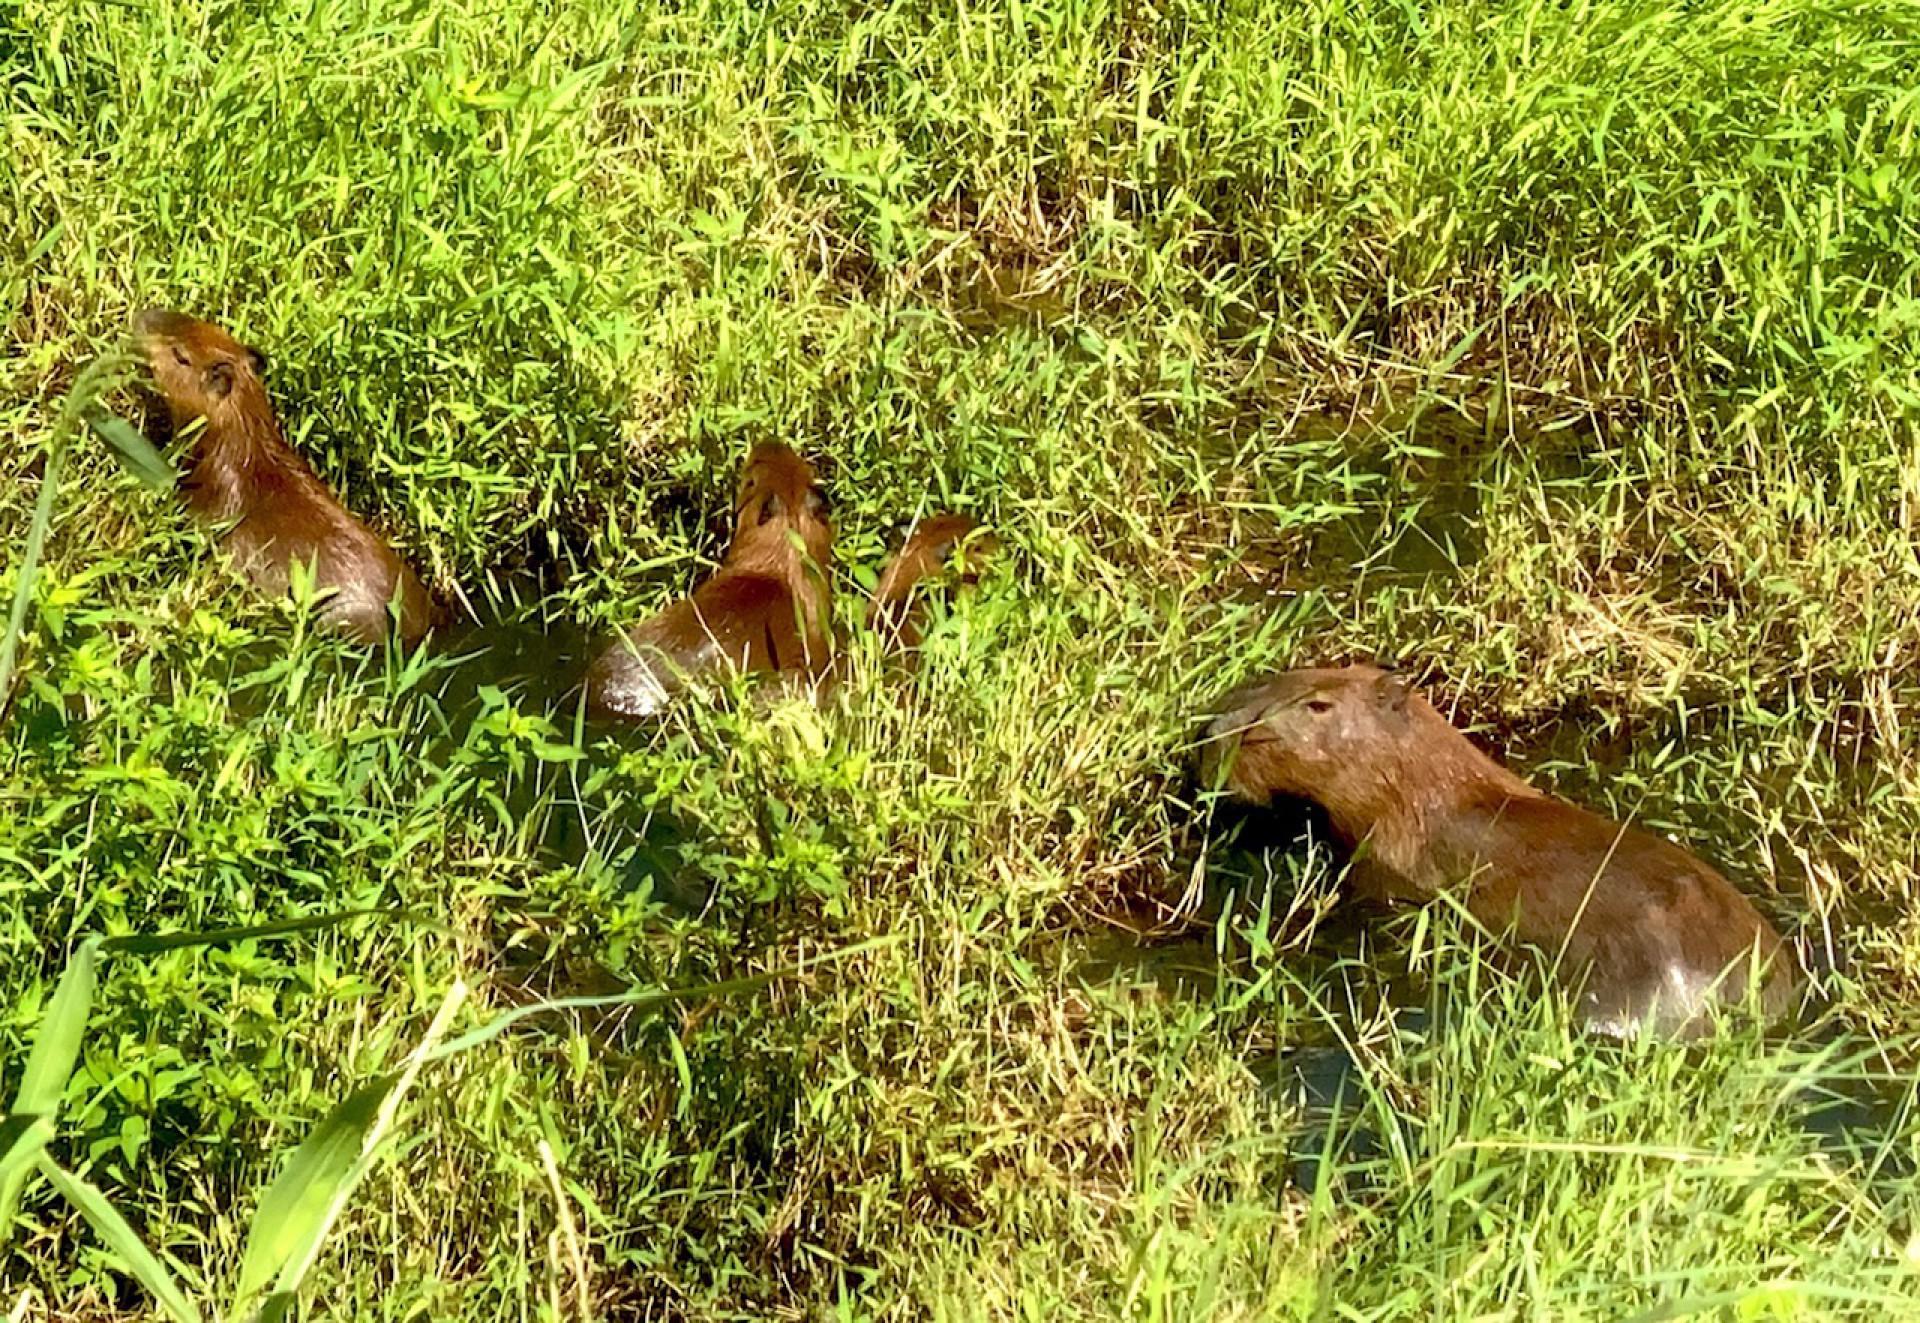 (Foto: Demitri Túlio)Capivara (Hydrochoerus hydrochaeris) na Lagoa da Precabura, em Fortaleza, ao lado da avenida Maestro Lisboa. 10/5/2021. Fortaleza-Ceará. Foto: Demitri Túlio